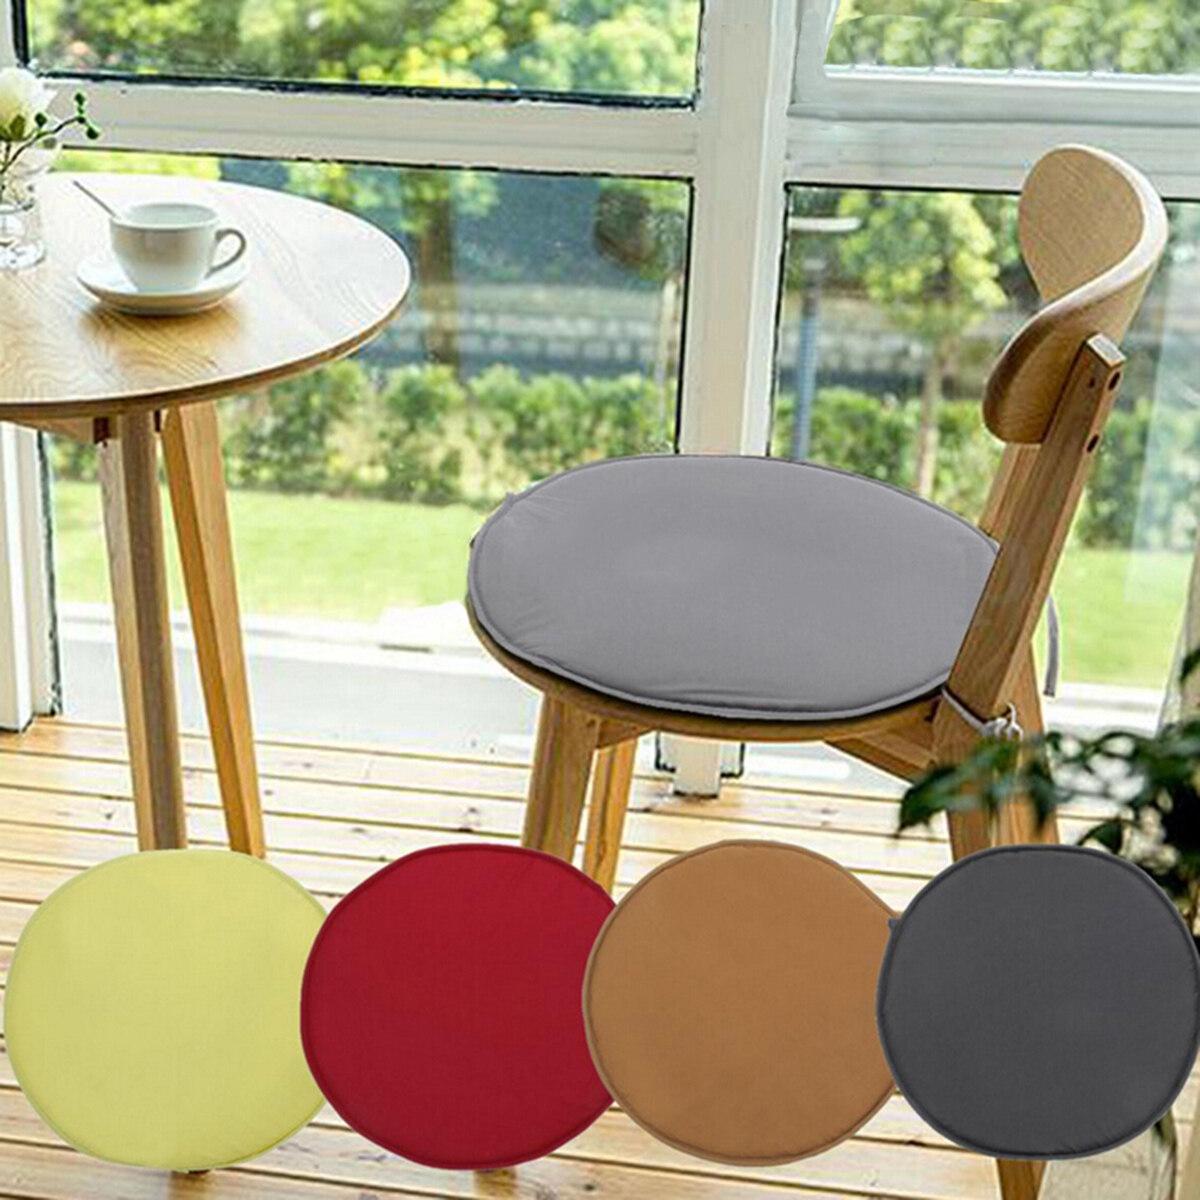 Nhiều Màu 2 Kích Cỡ Màu Trơn Trong Nhà Ngoài Trời Có Thể Giặt Ghế Có Thể Tháo Rời Trang Chủ Trang Trí Ghế Pad Miếng Đệm Tròn giá rẻ